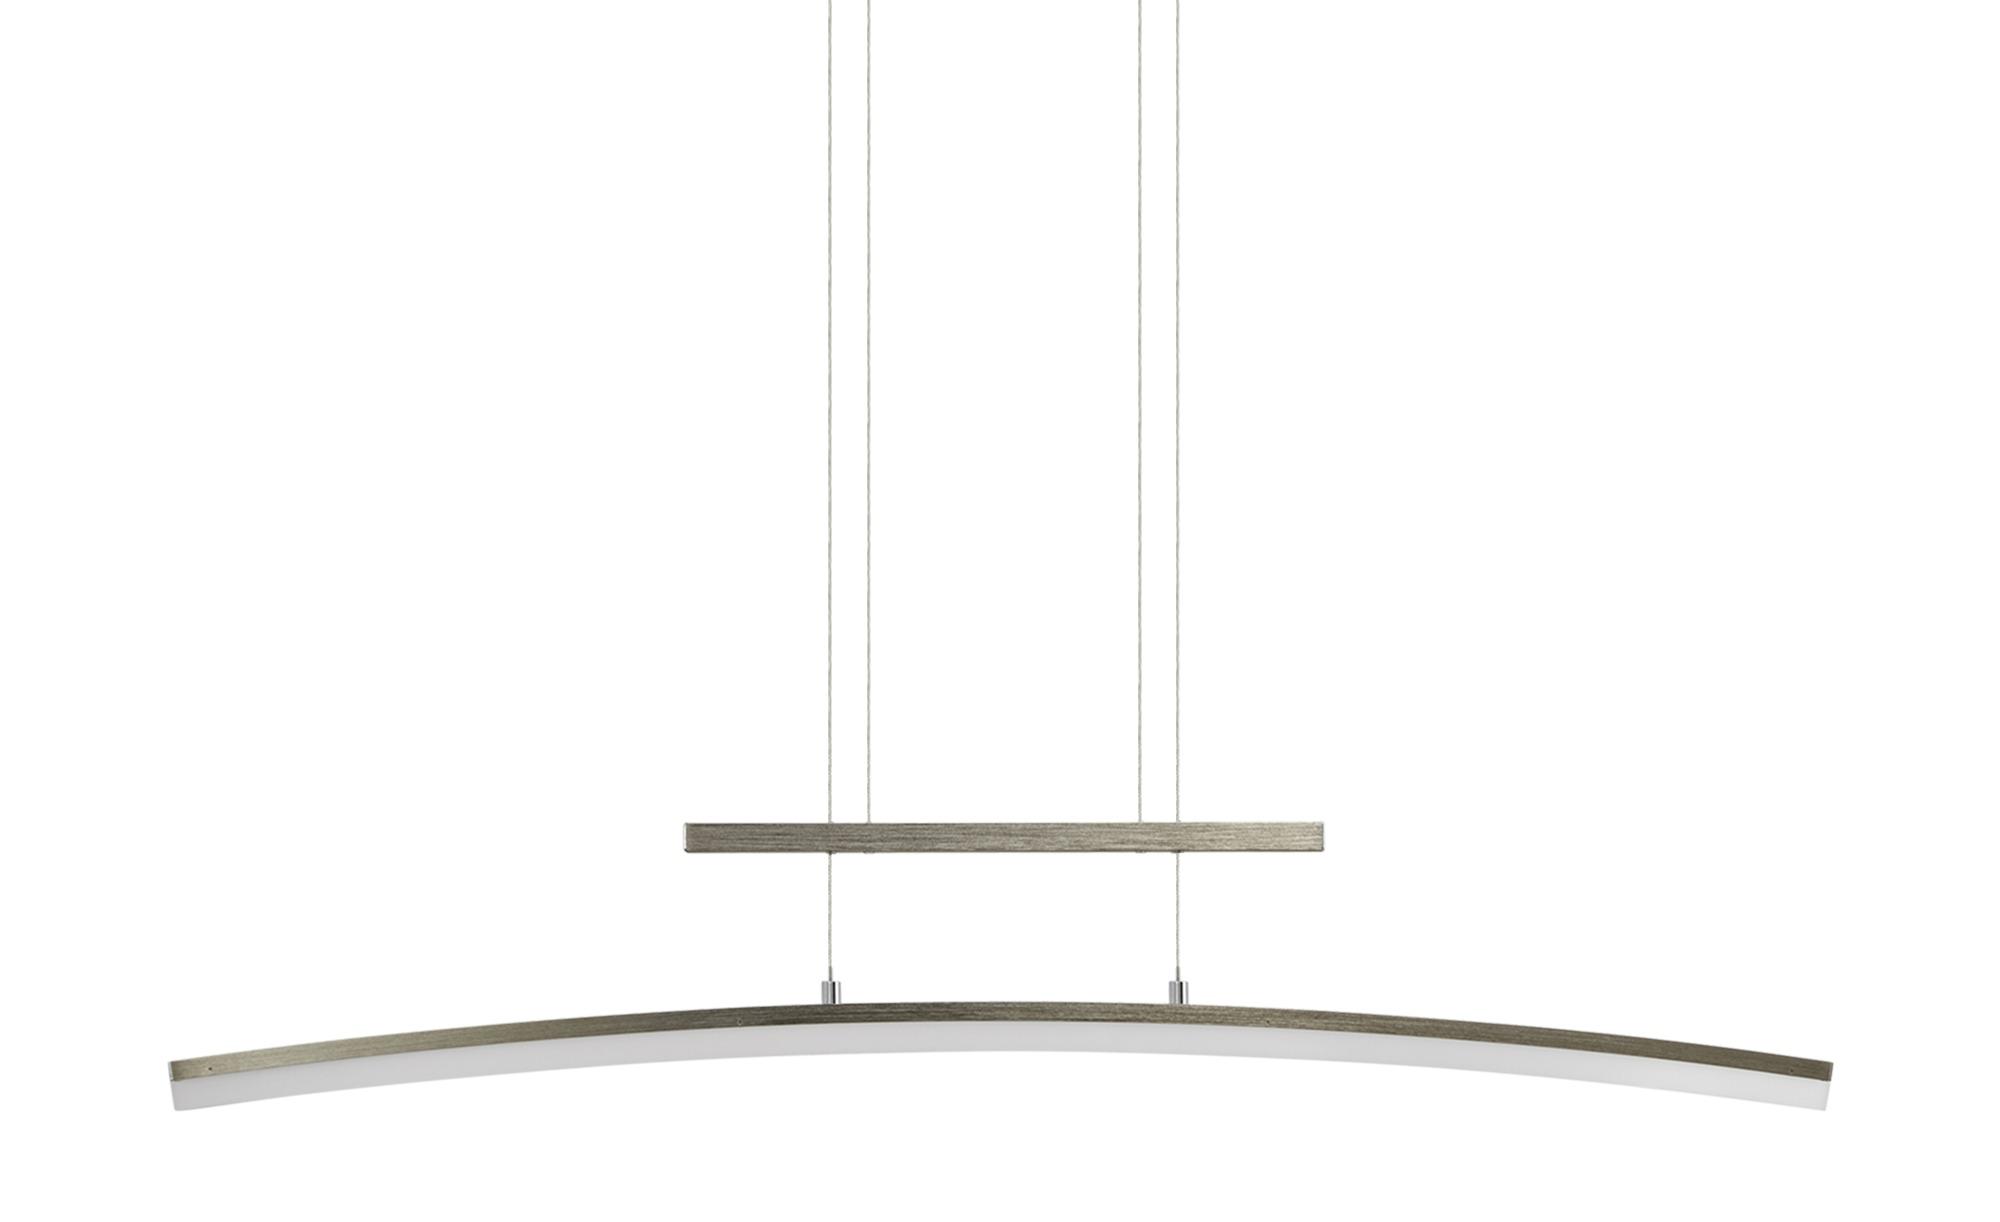 Wofi LED-Pendelleuchte, gebogen ¦ silber ¦ Maße (cm): B: 110 H: 150 T: 8 Lampen & Leuchten > LED-Leuchten > LED-Pendelleuchten - Höffner